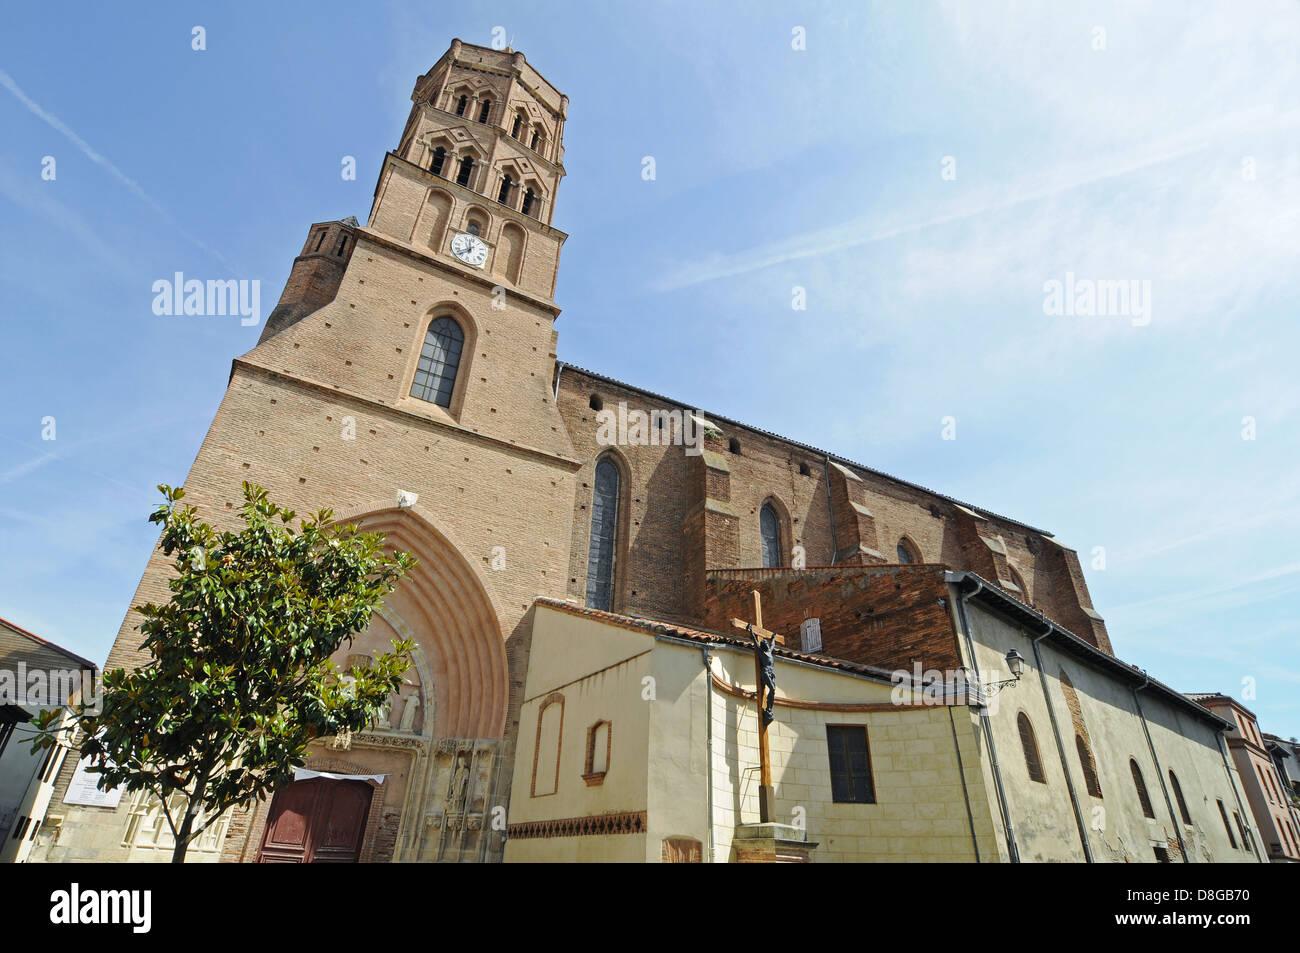 Saint Nicolas church - Stock Image